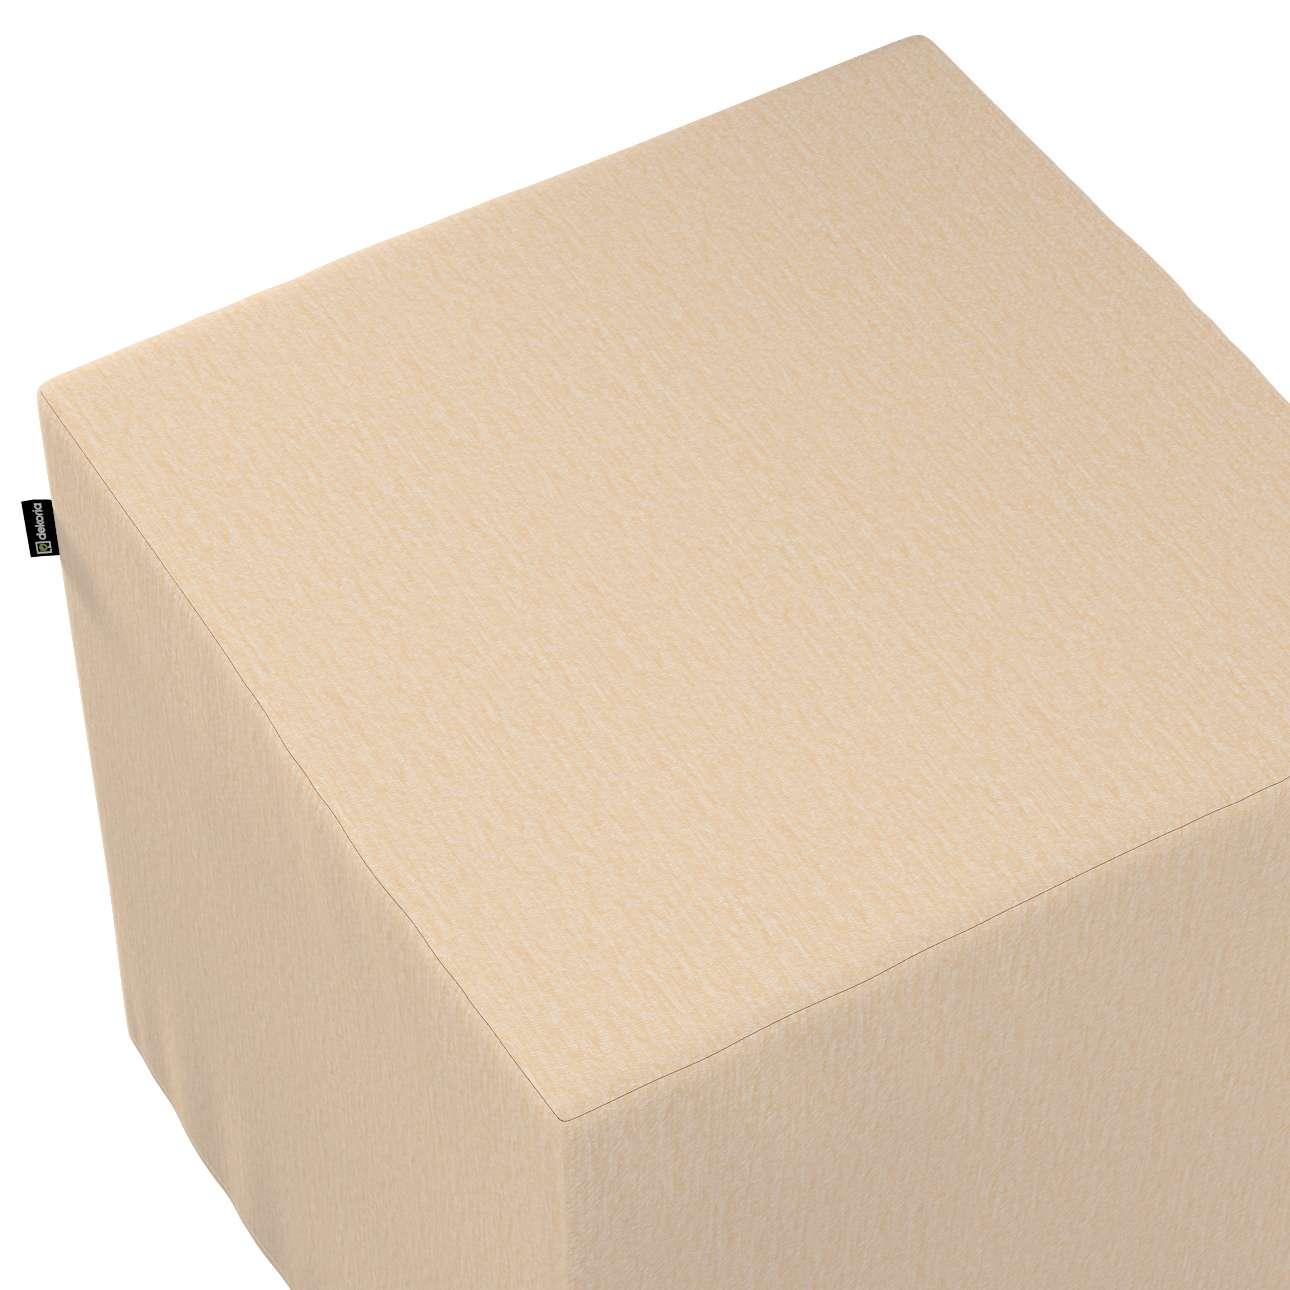 Bezug für Sitzwürfel von der Kollektion Chenille, Stoff: 702-22